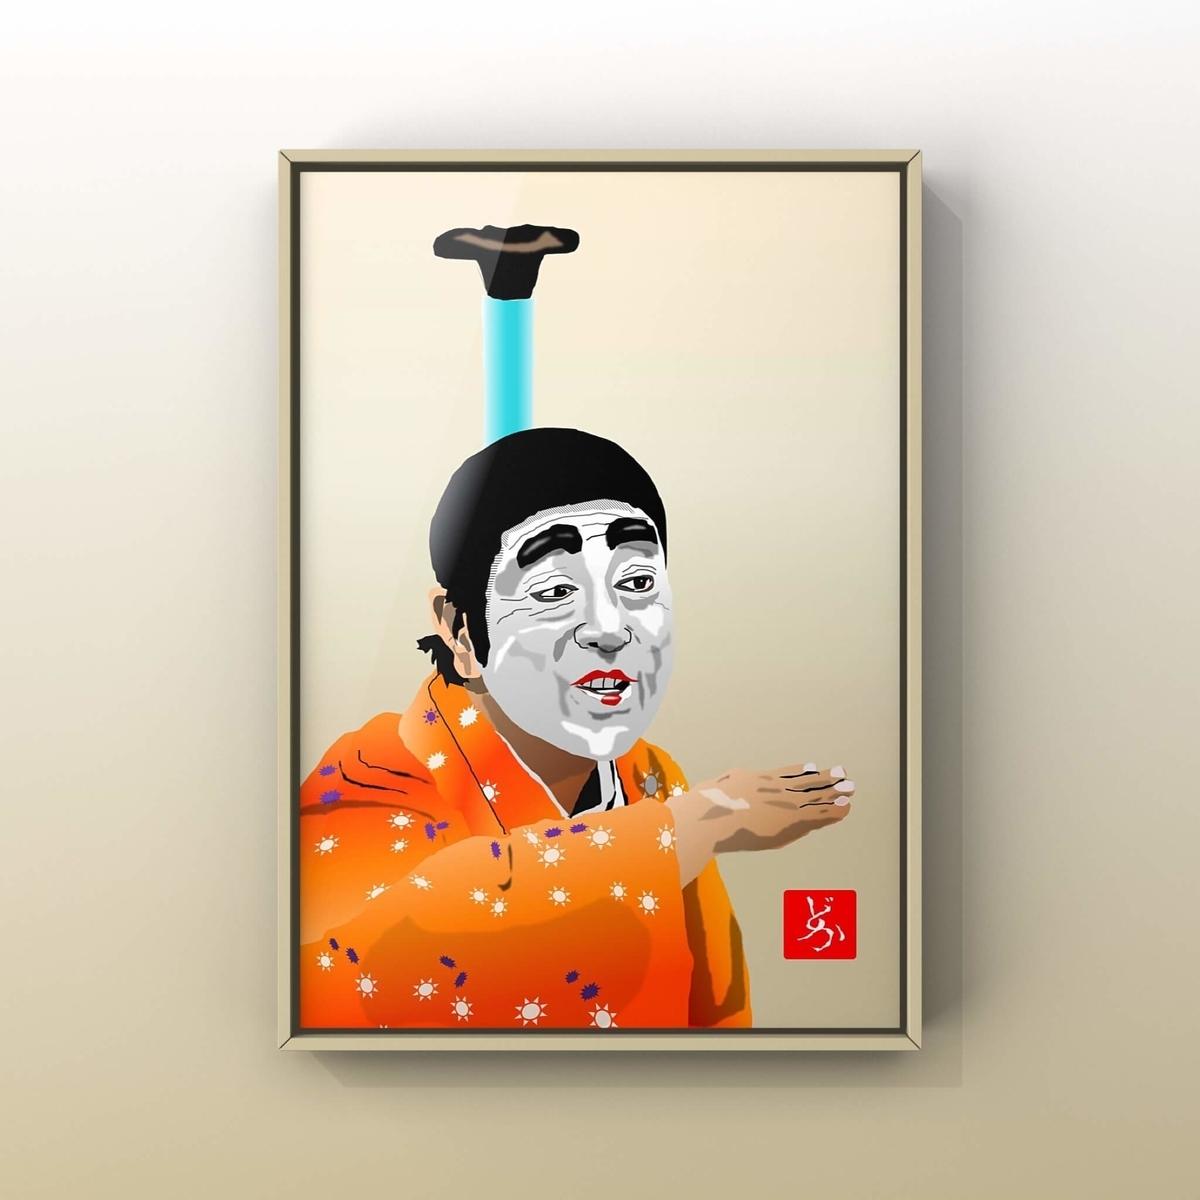 志村けんのバカ殿のエクセル画イラスト額装版